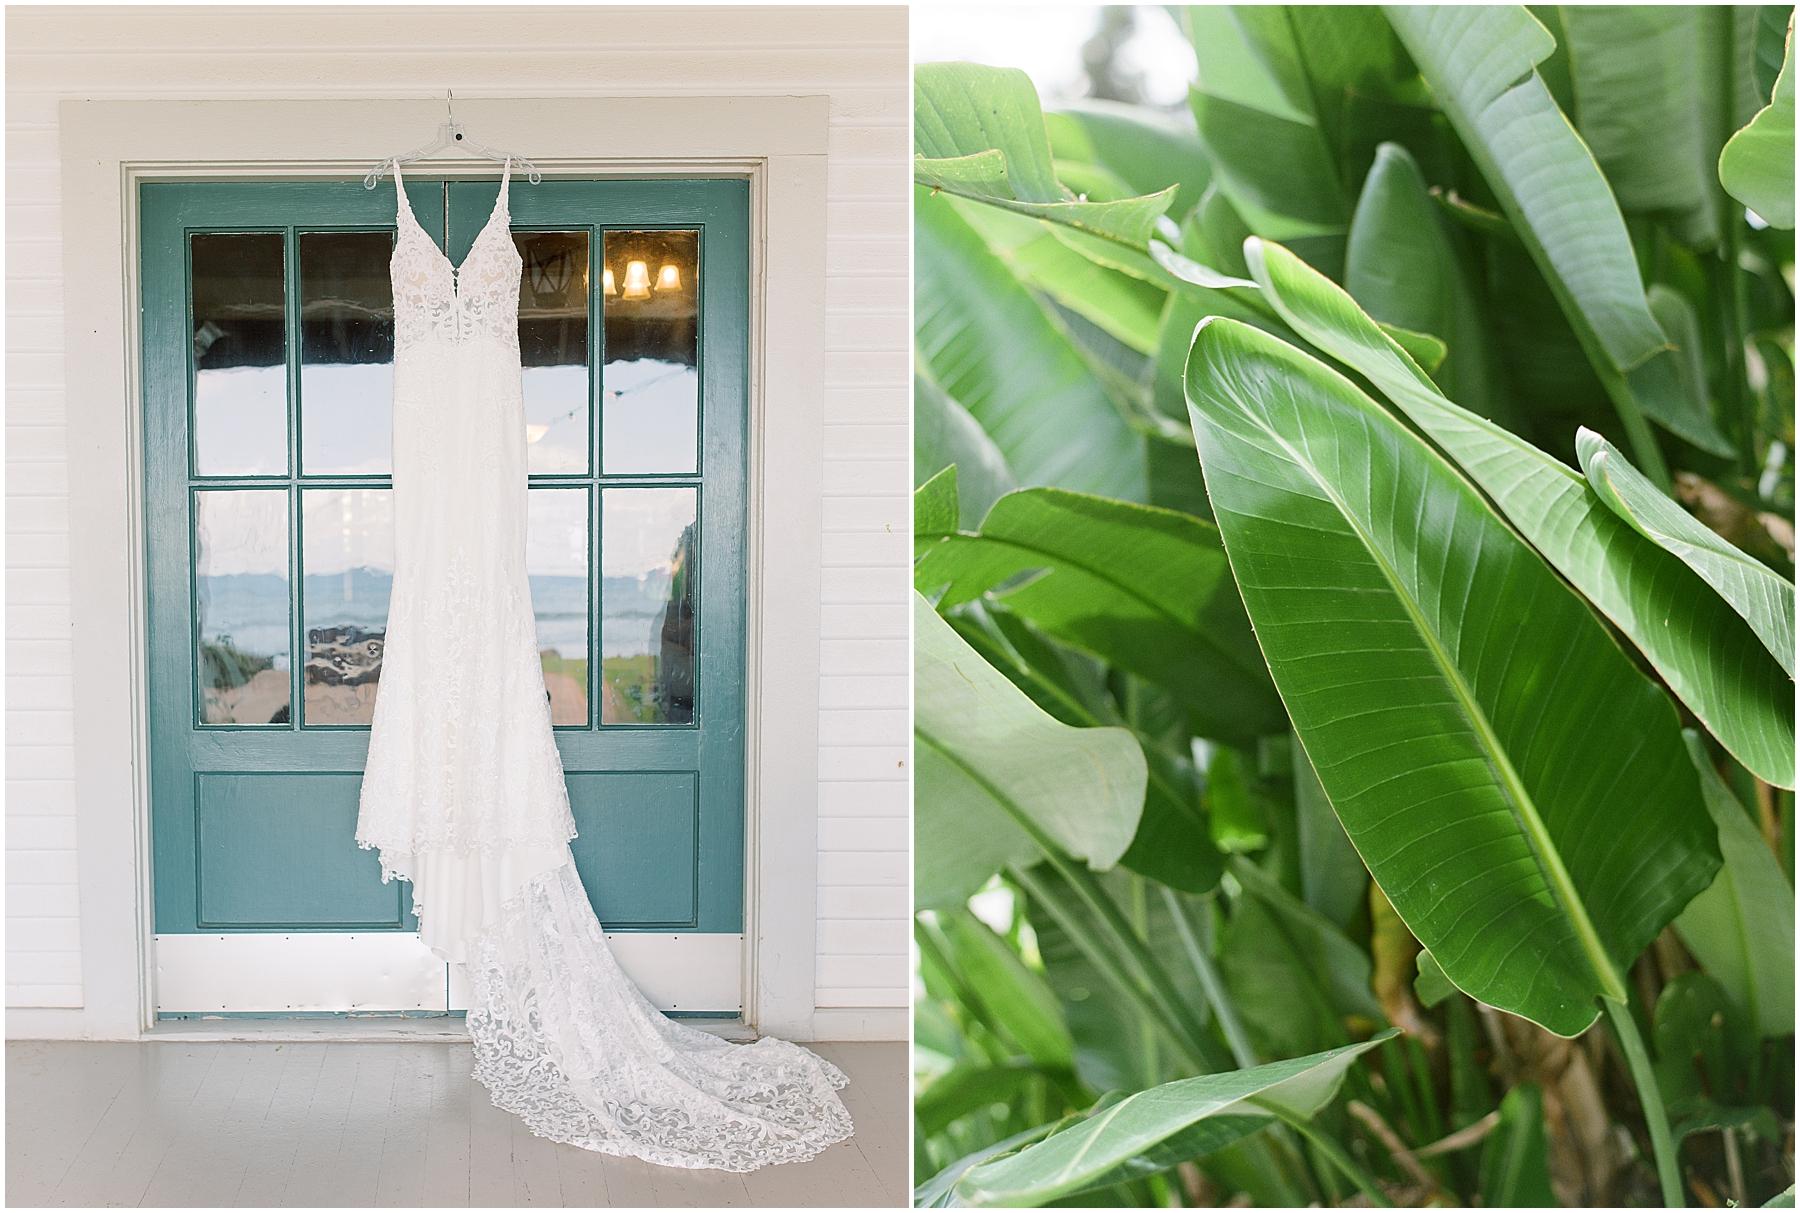 Olowalu-plantation-house-maui-hawaii-wedding.jpg